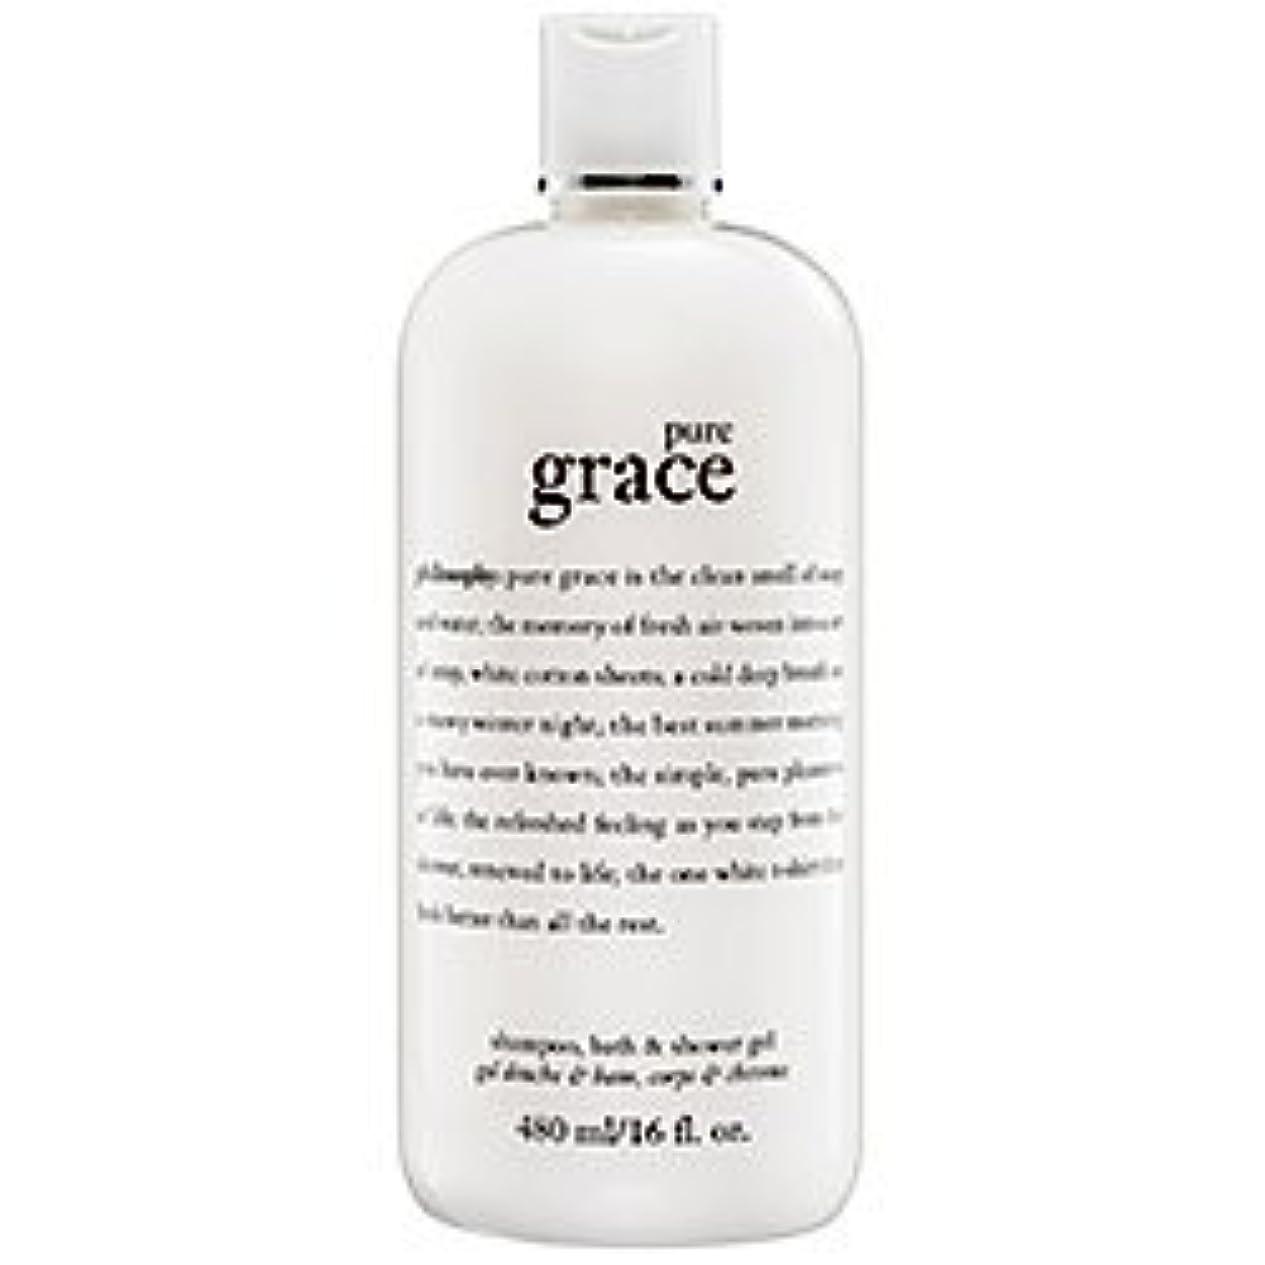 九生態学アピールpure grace (ピュアグレイス ) 16.0 oz (480ml) foaming bath and shower gel for Women